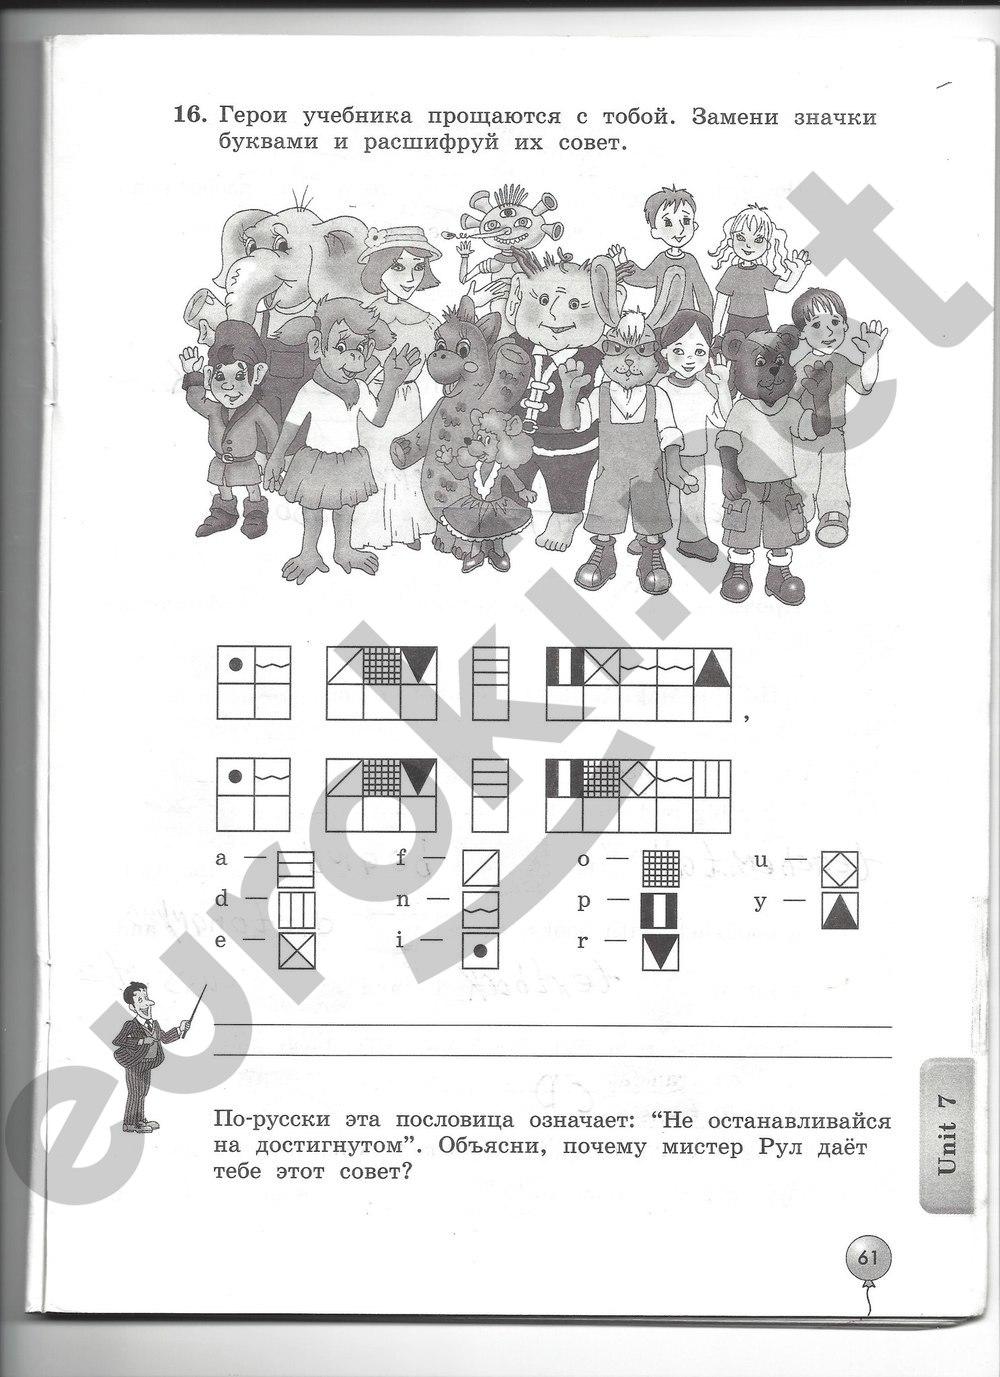 Английский язык решебник за 4 класс биболетова рабочая тетрадь